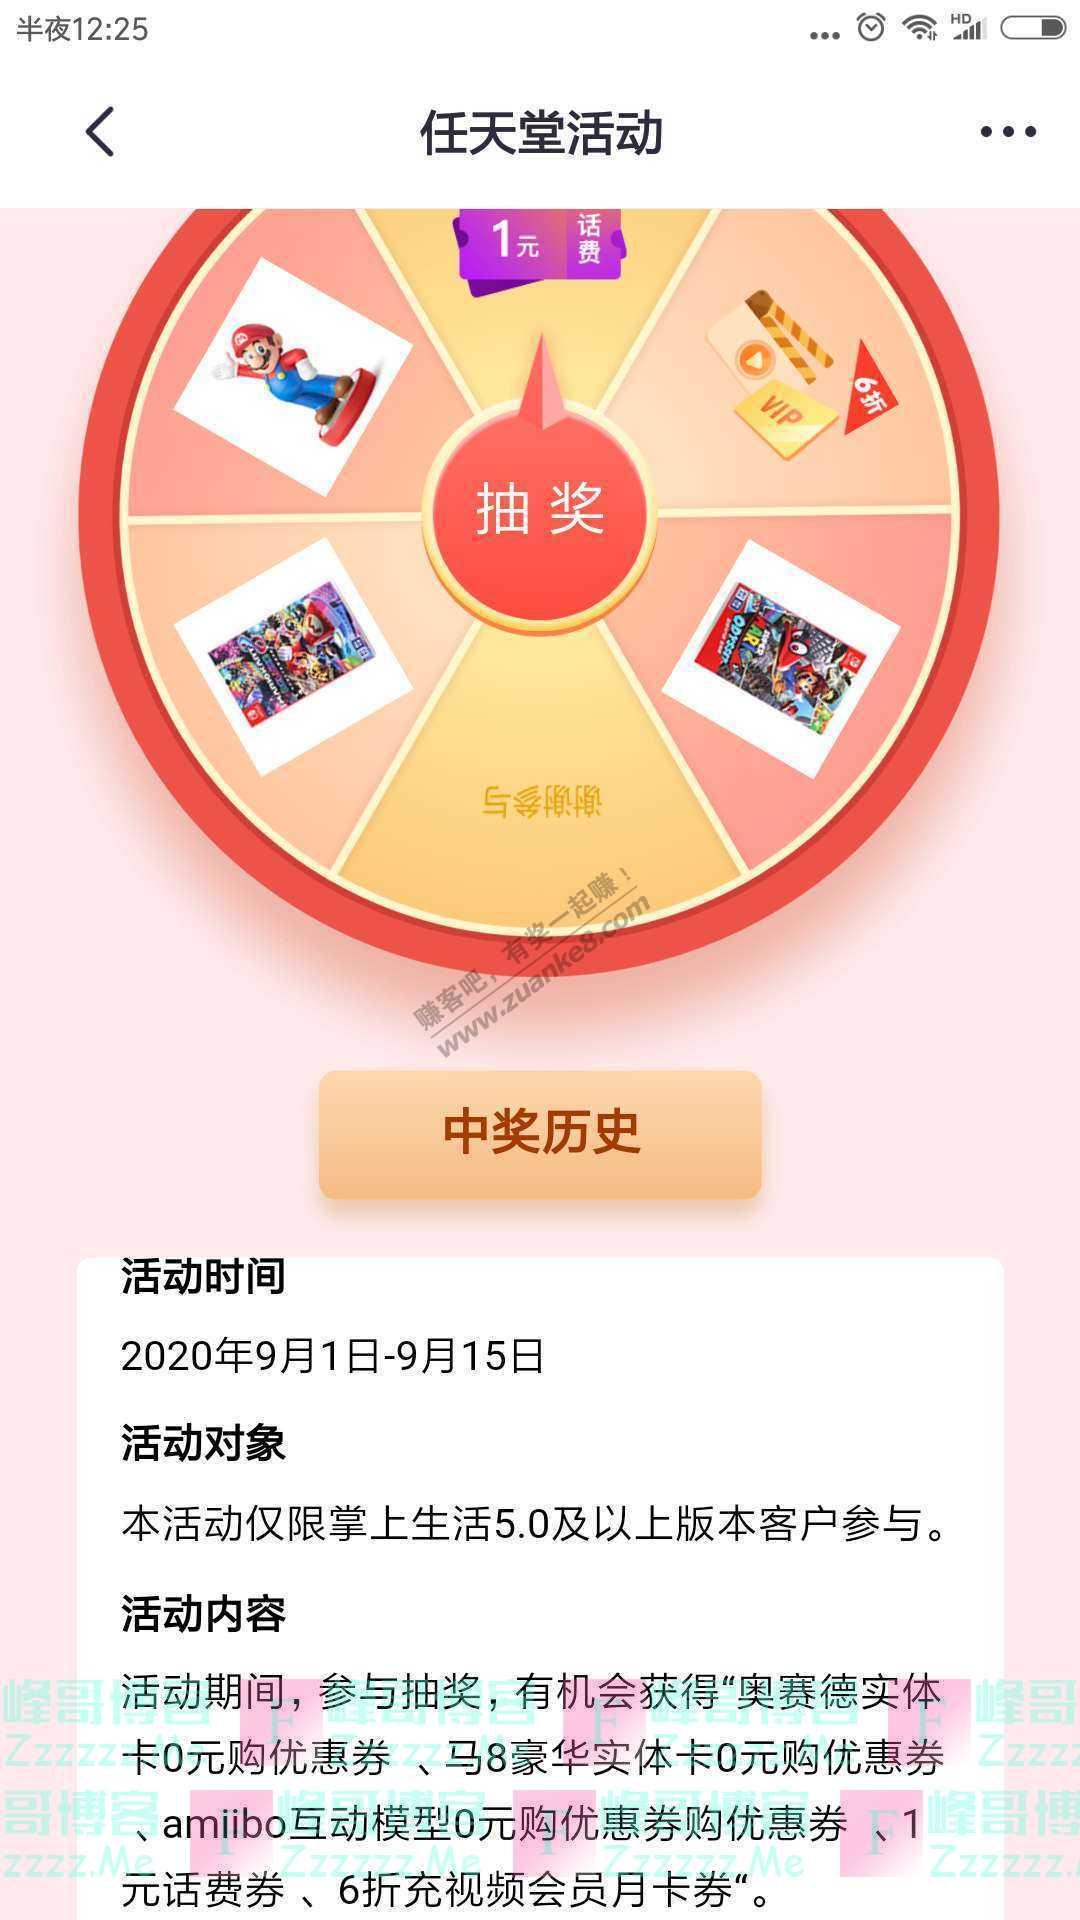 掌上生活app任天堂活动(截止9月15日)